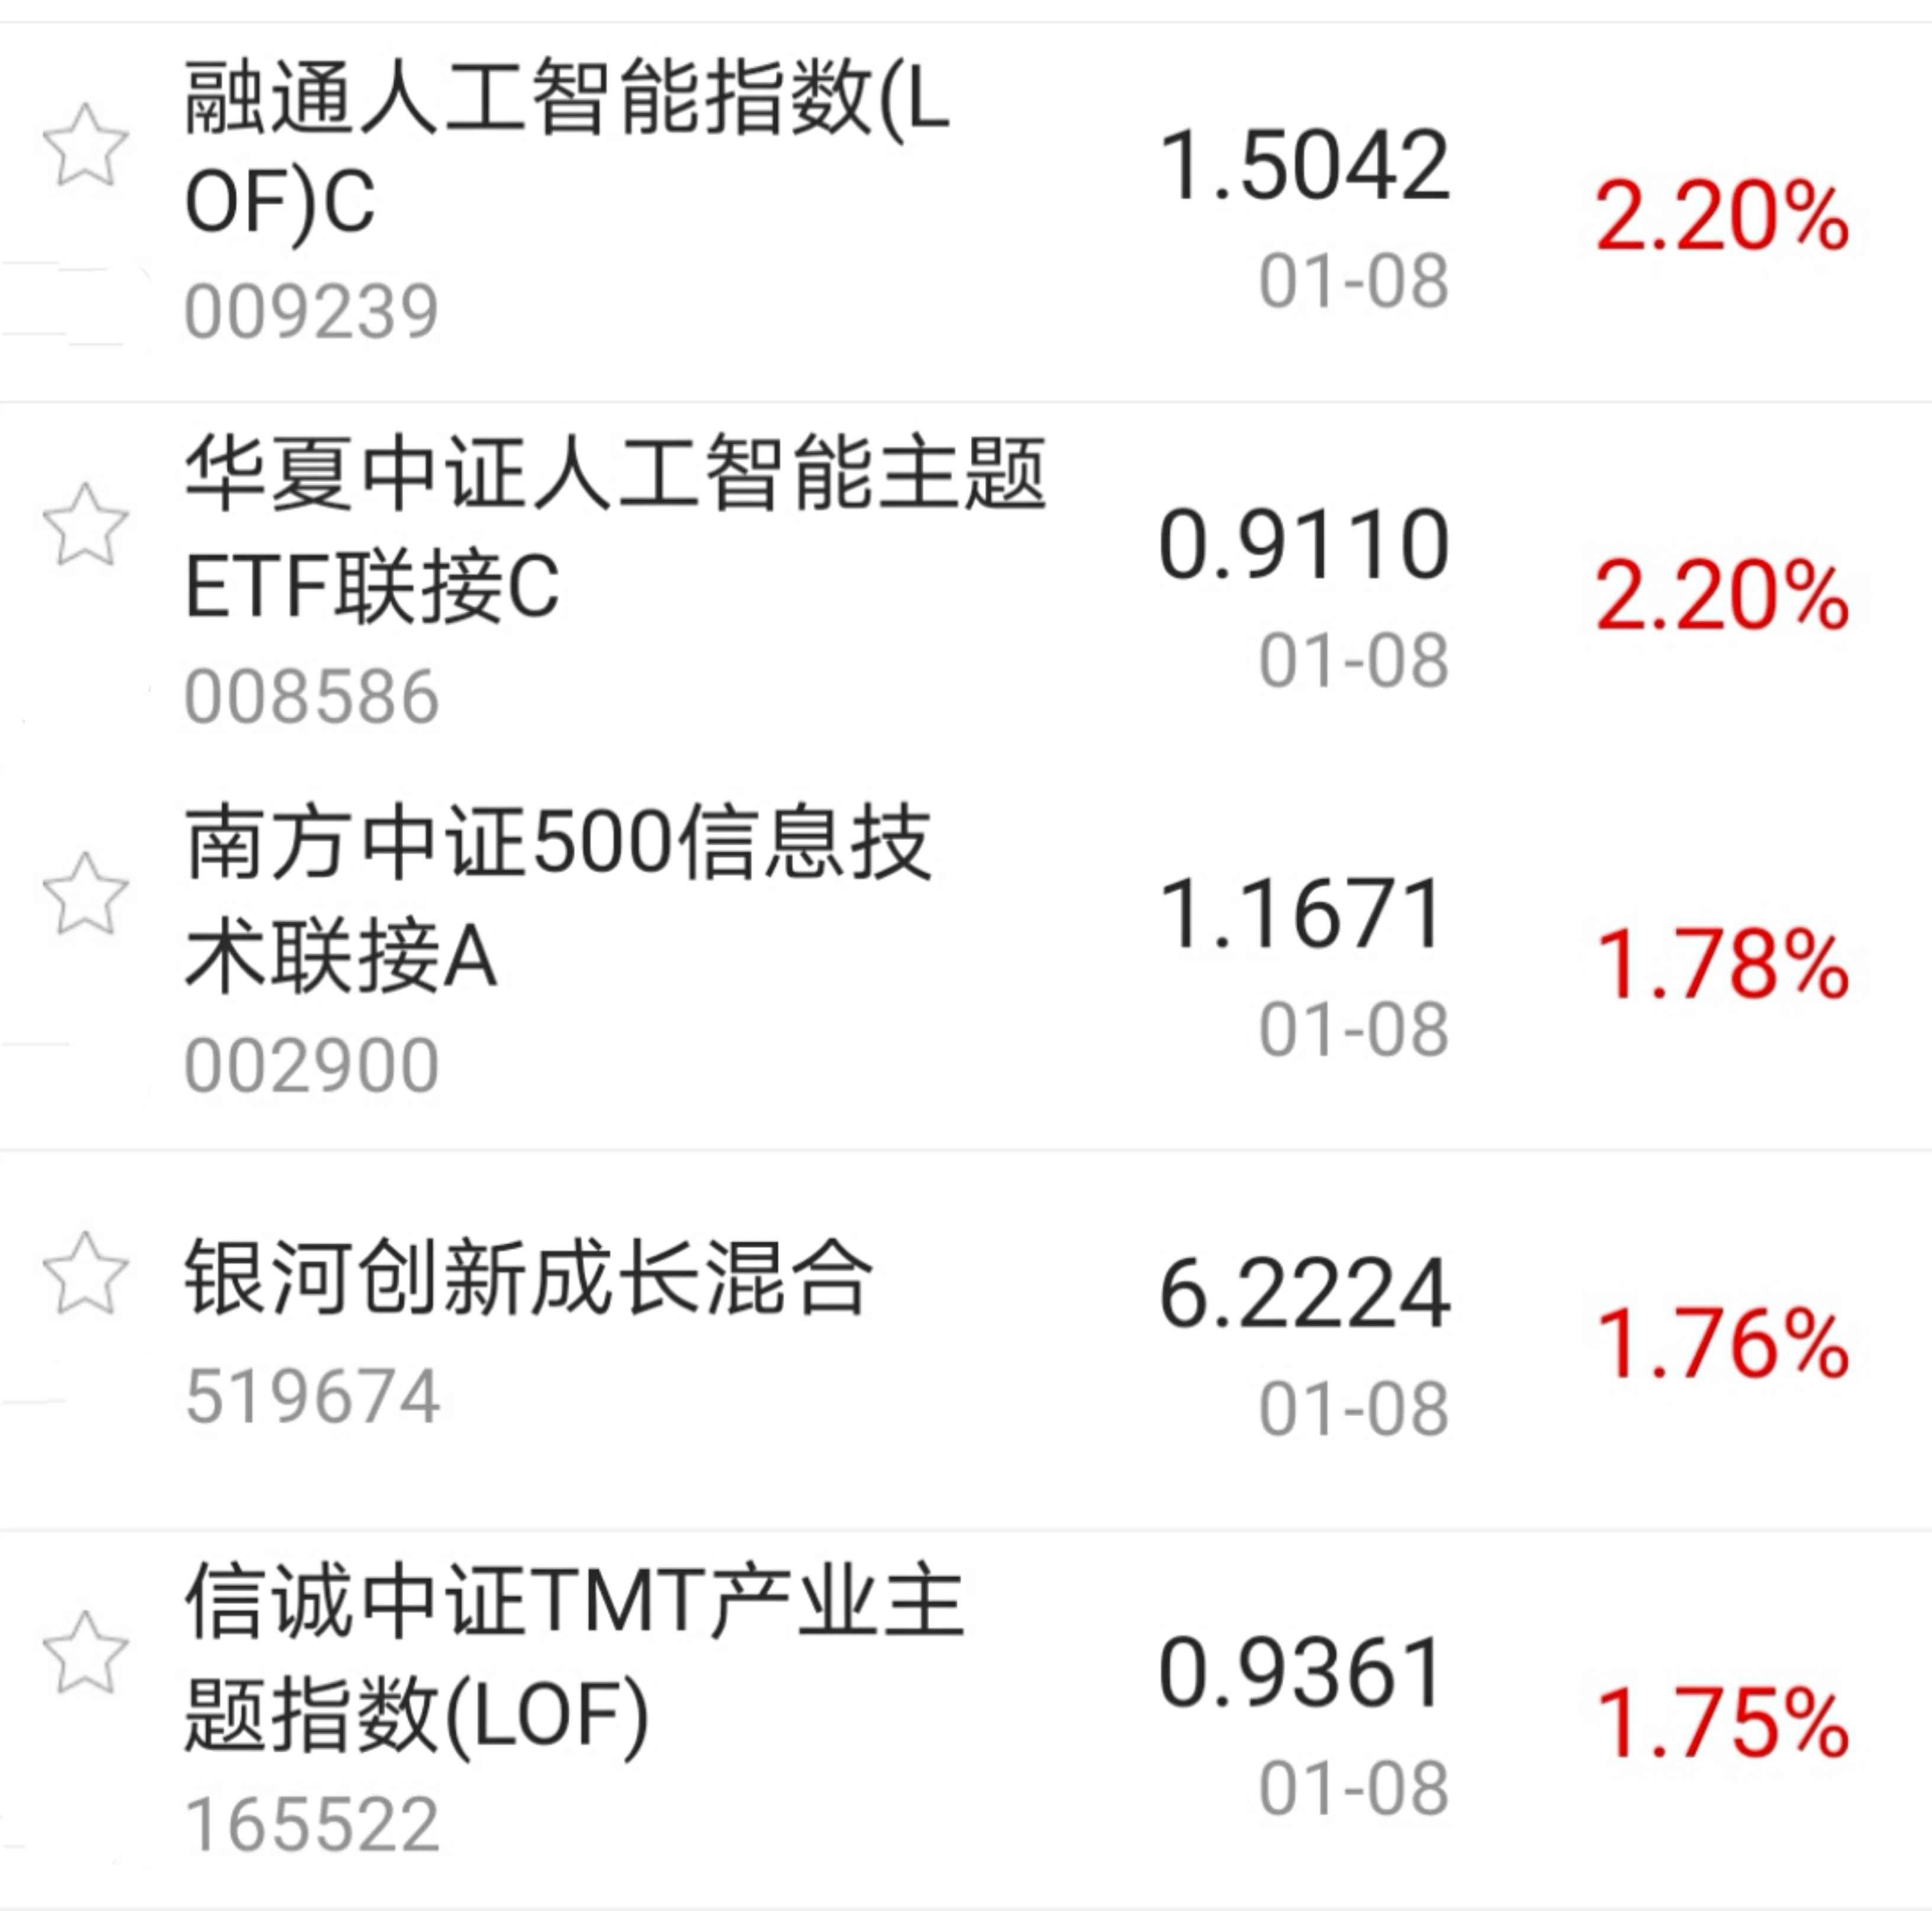 【今日盘点】A股三大指数收跌,科技主题基金逆势上涨;抱团现象出现松动,市场风格会转向吗?